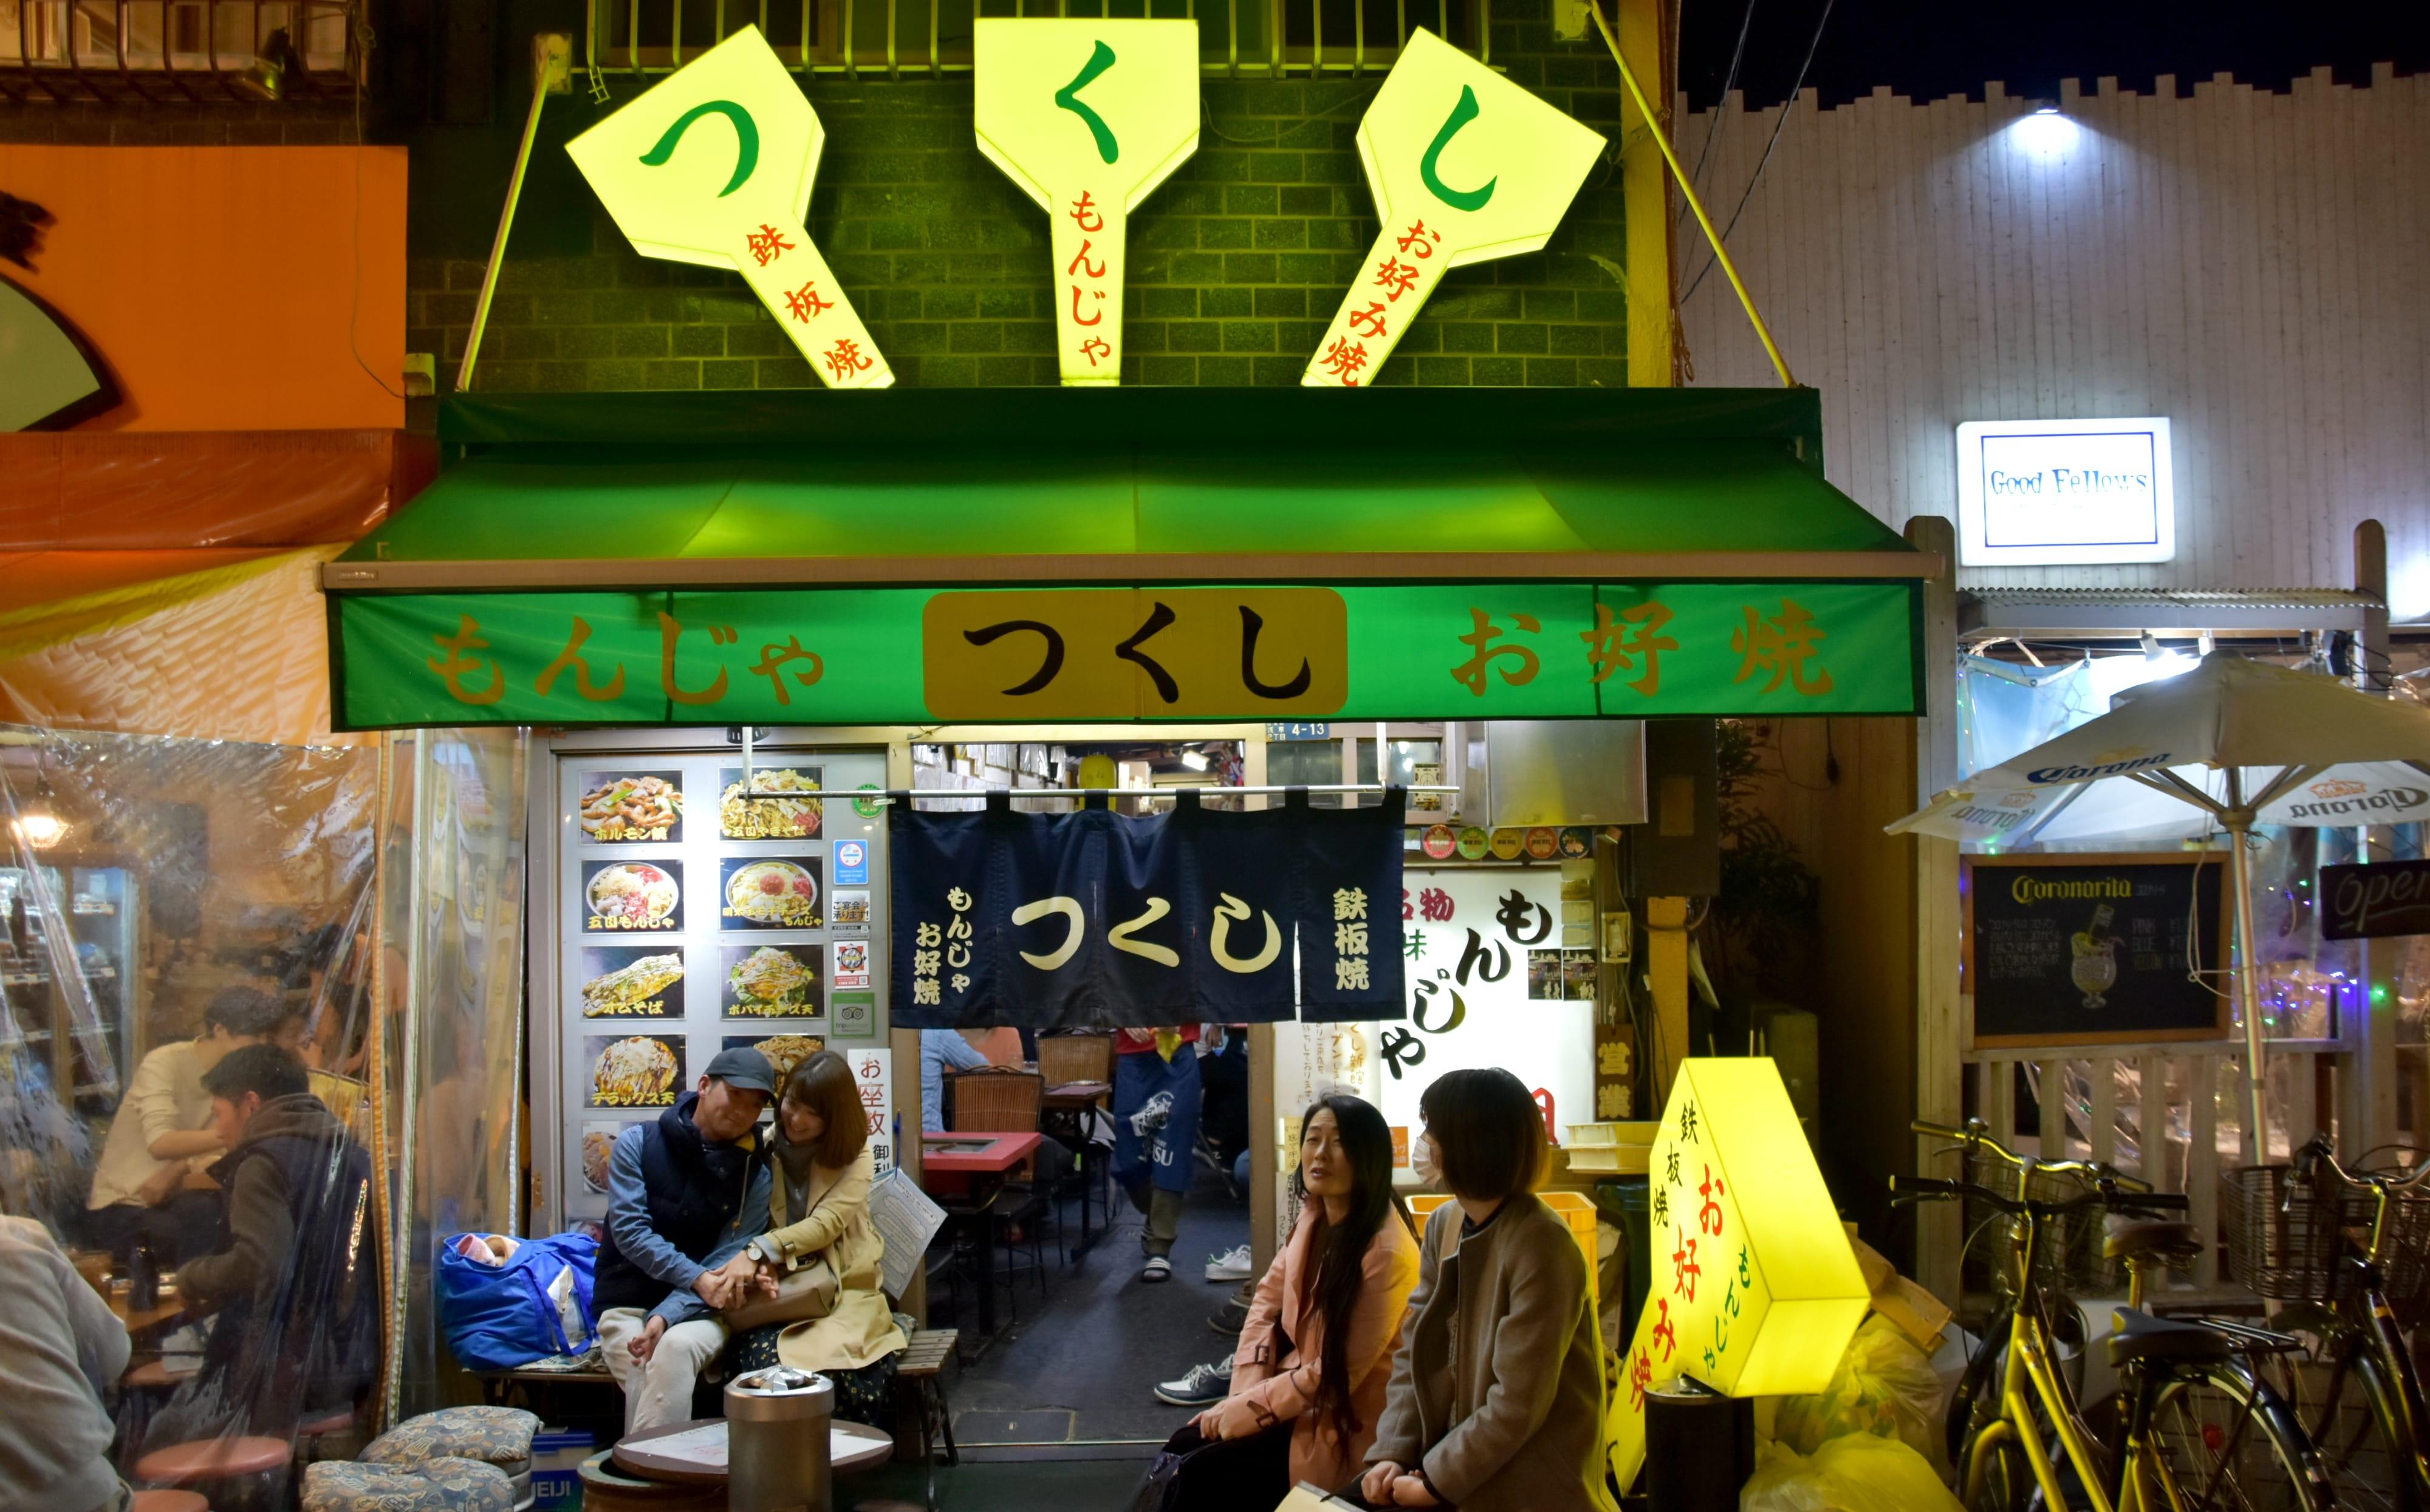 【淺草美食】東京淺草文字燒!下町老舖つくし美味推薦